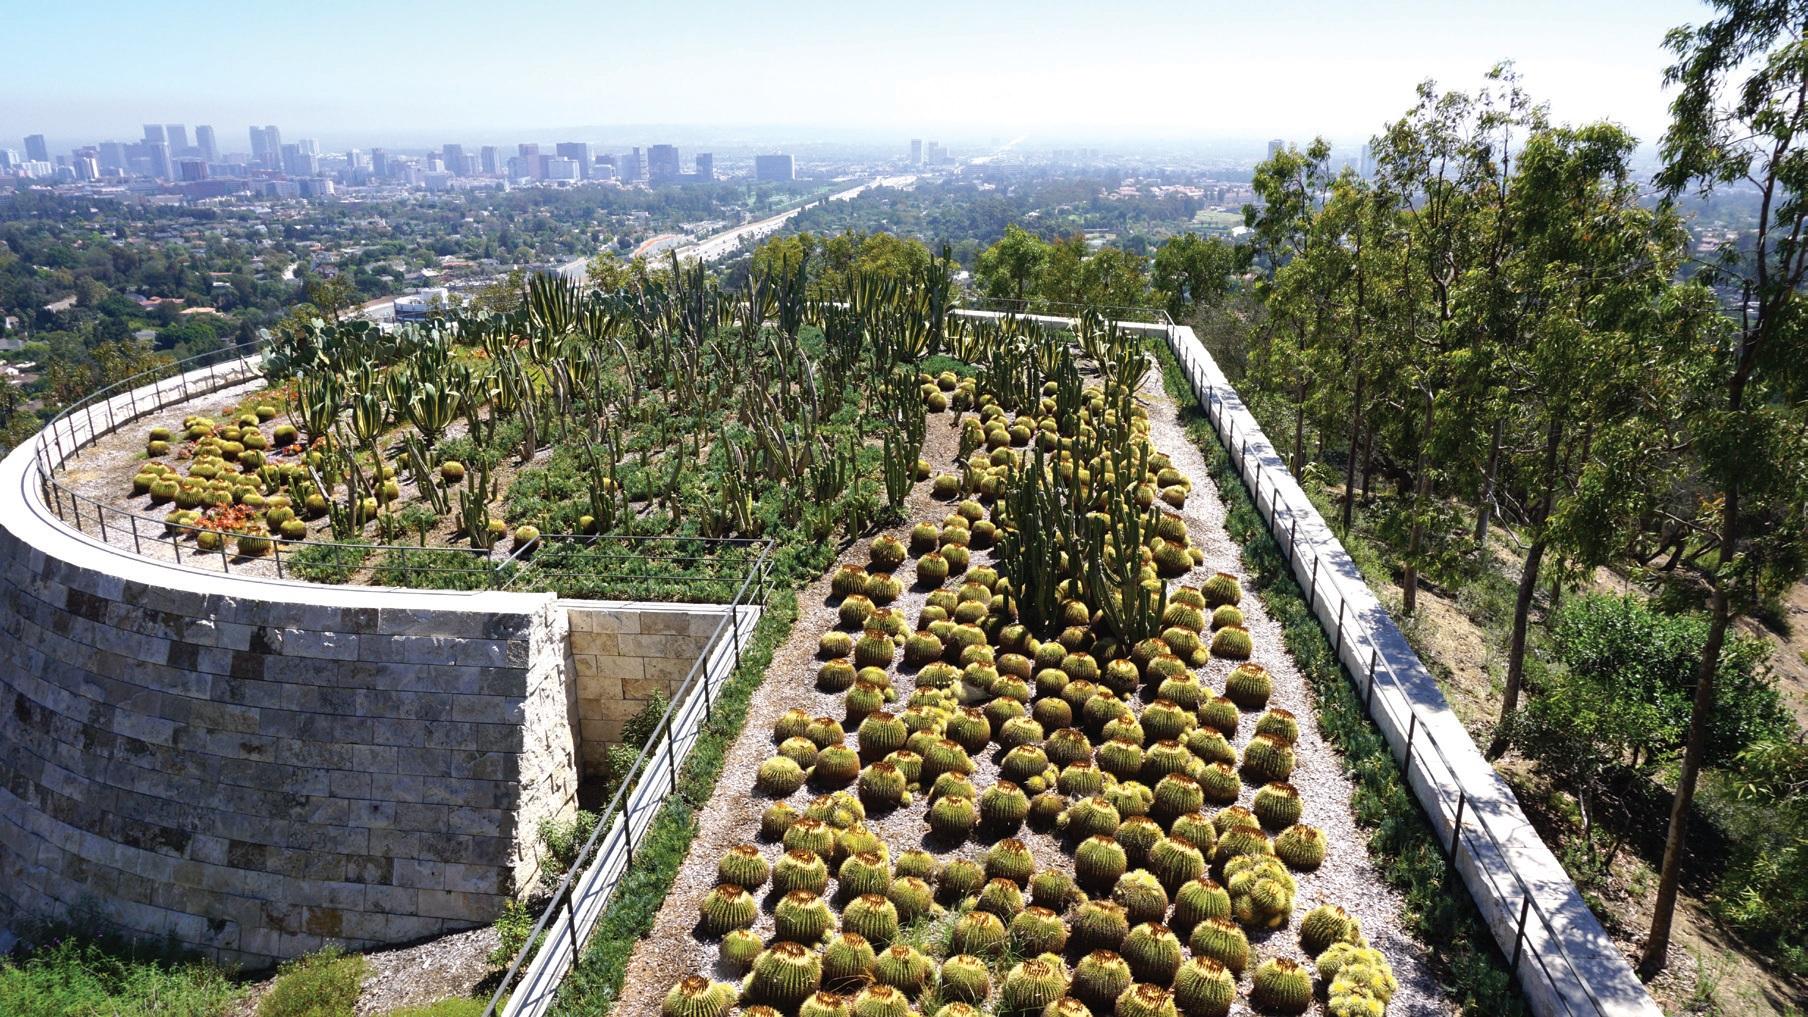 곳곳에 다양한 식물이 자생하는 아름다운 정원도 있다.